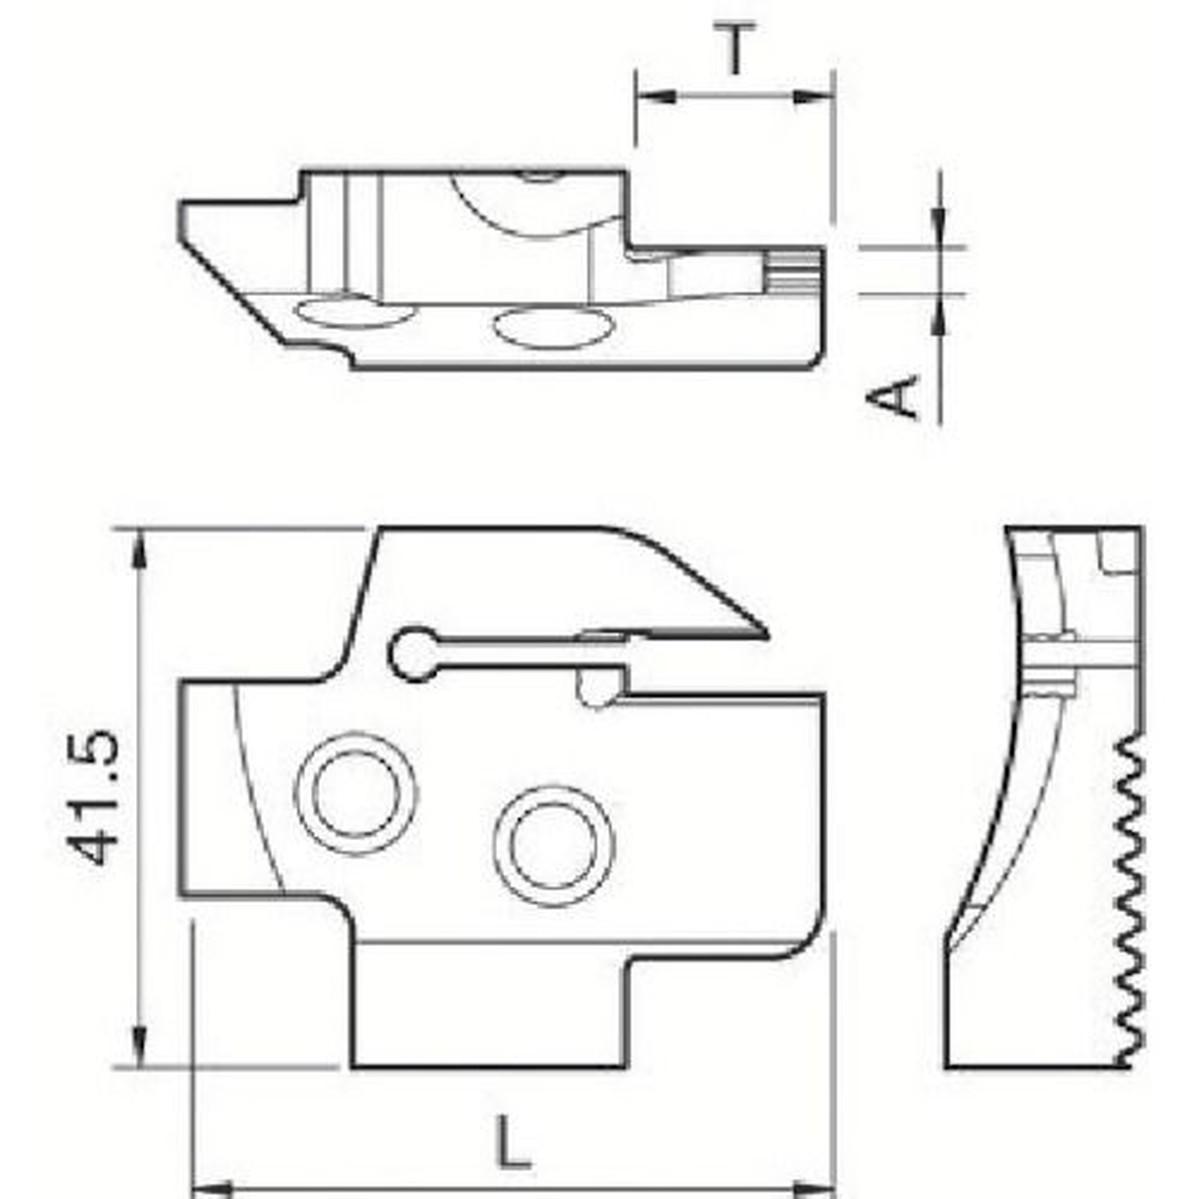 あす楽対応 DIY用品 出色 最安値挑戦 京セラ 溝入れ用ホルダ 1本